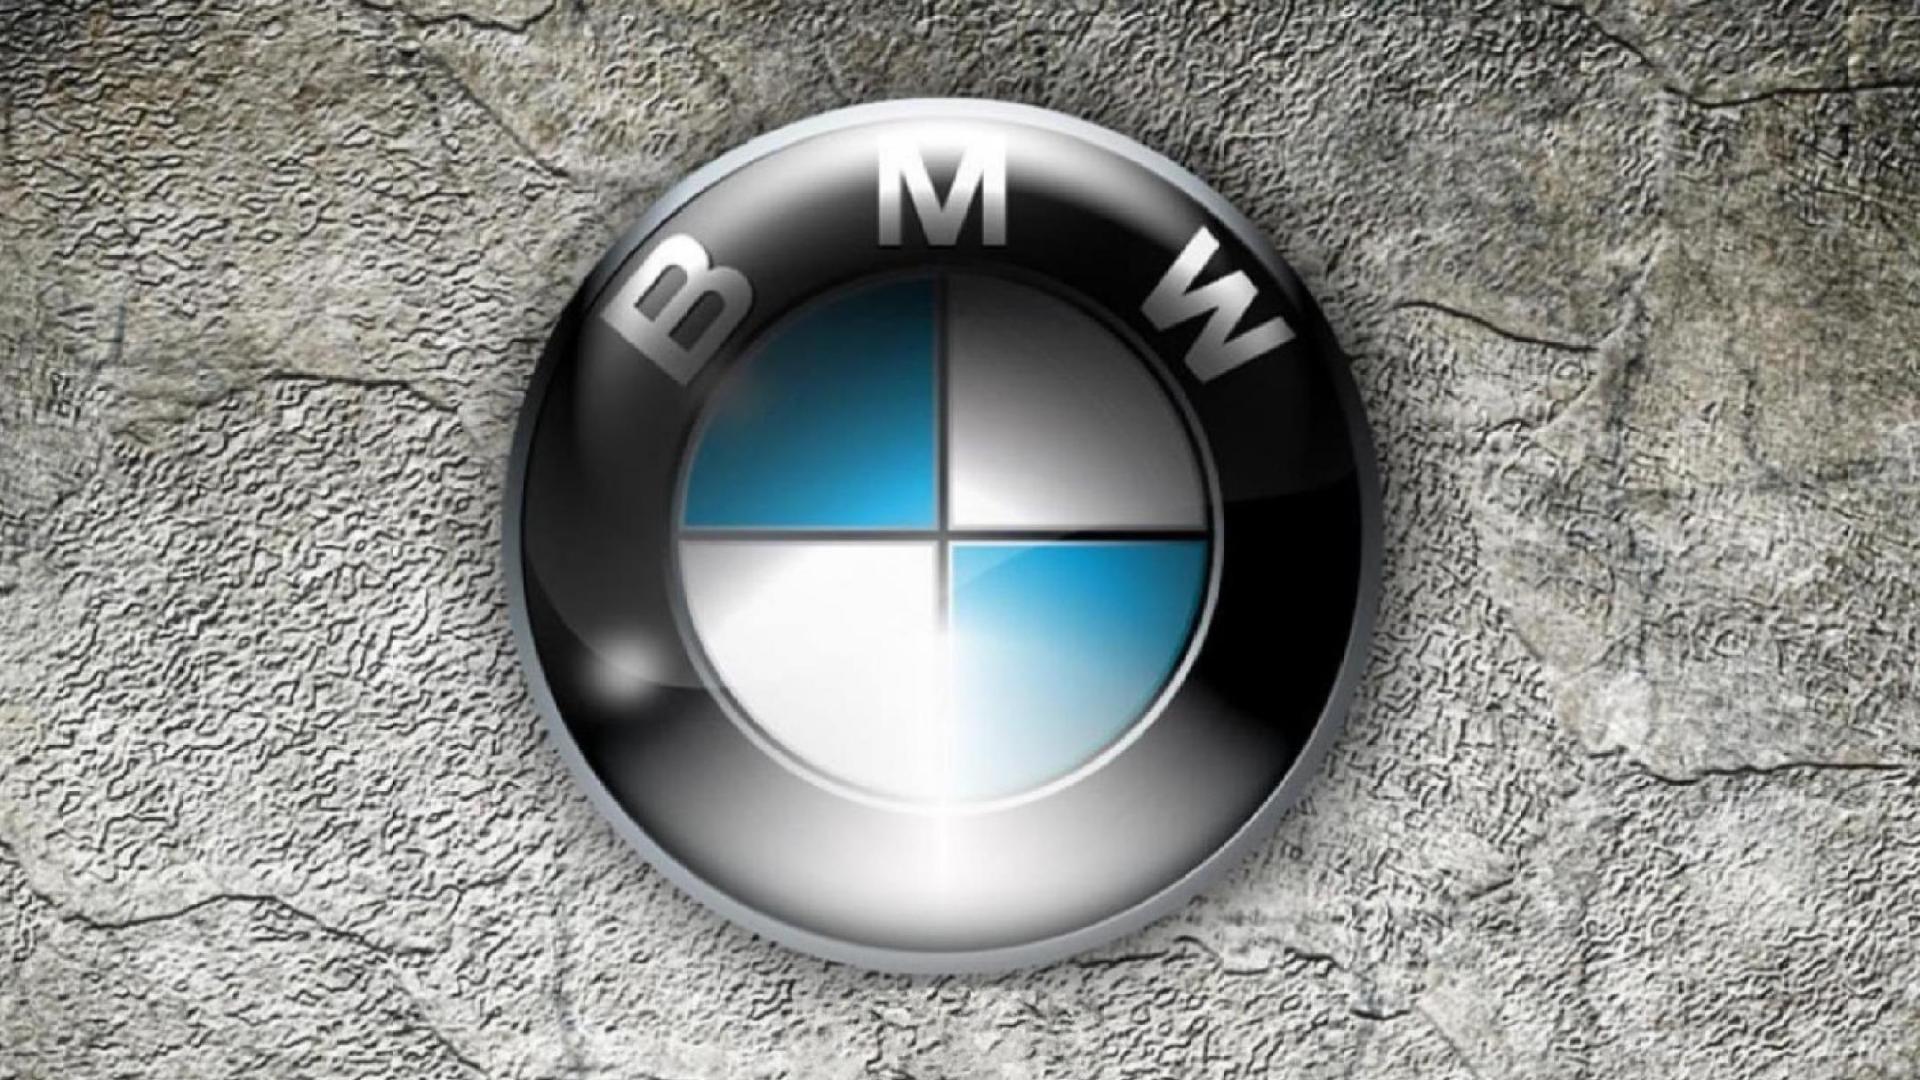 BMW Logo Nexus 5 Wallpaper 1920x1080 1920x1080